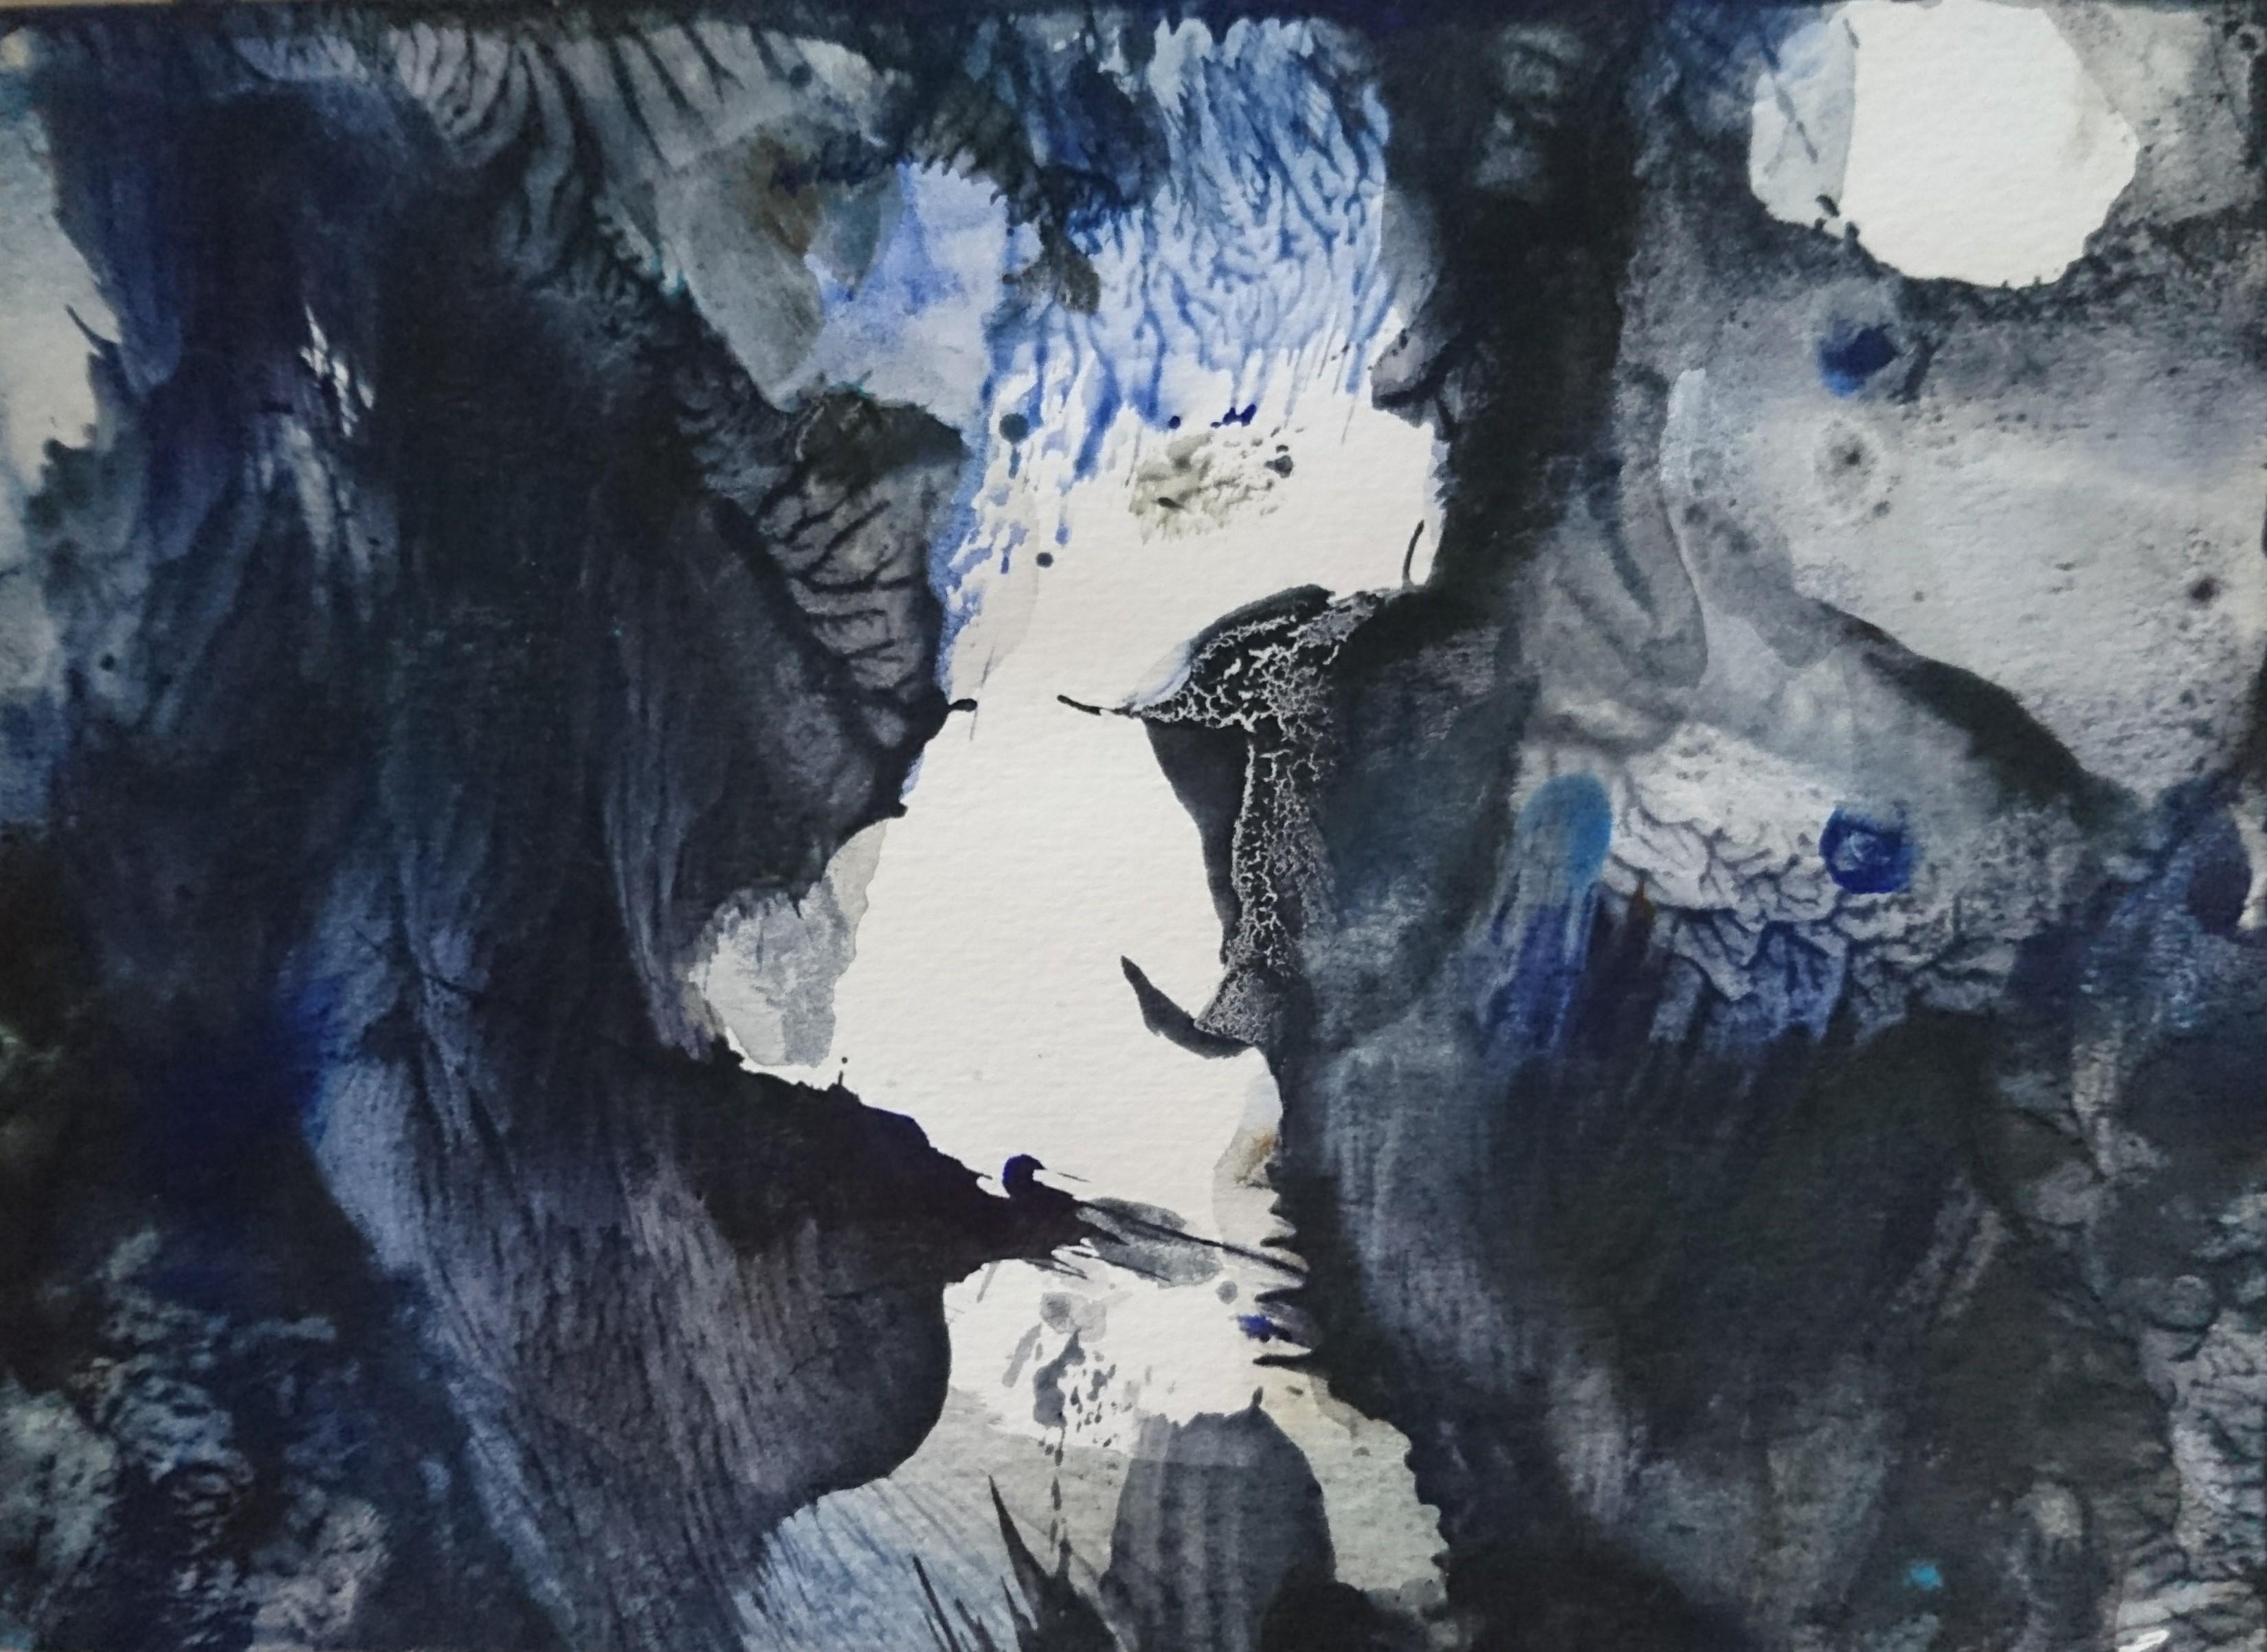 Yu Zhao, Grotte dans la mer, tempera/paper, 18x24cm, 2017, private collection